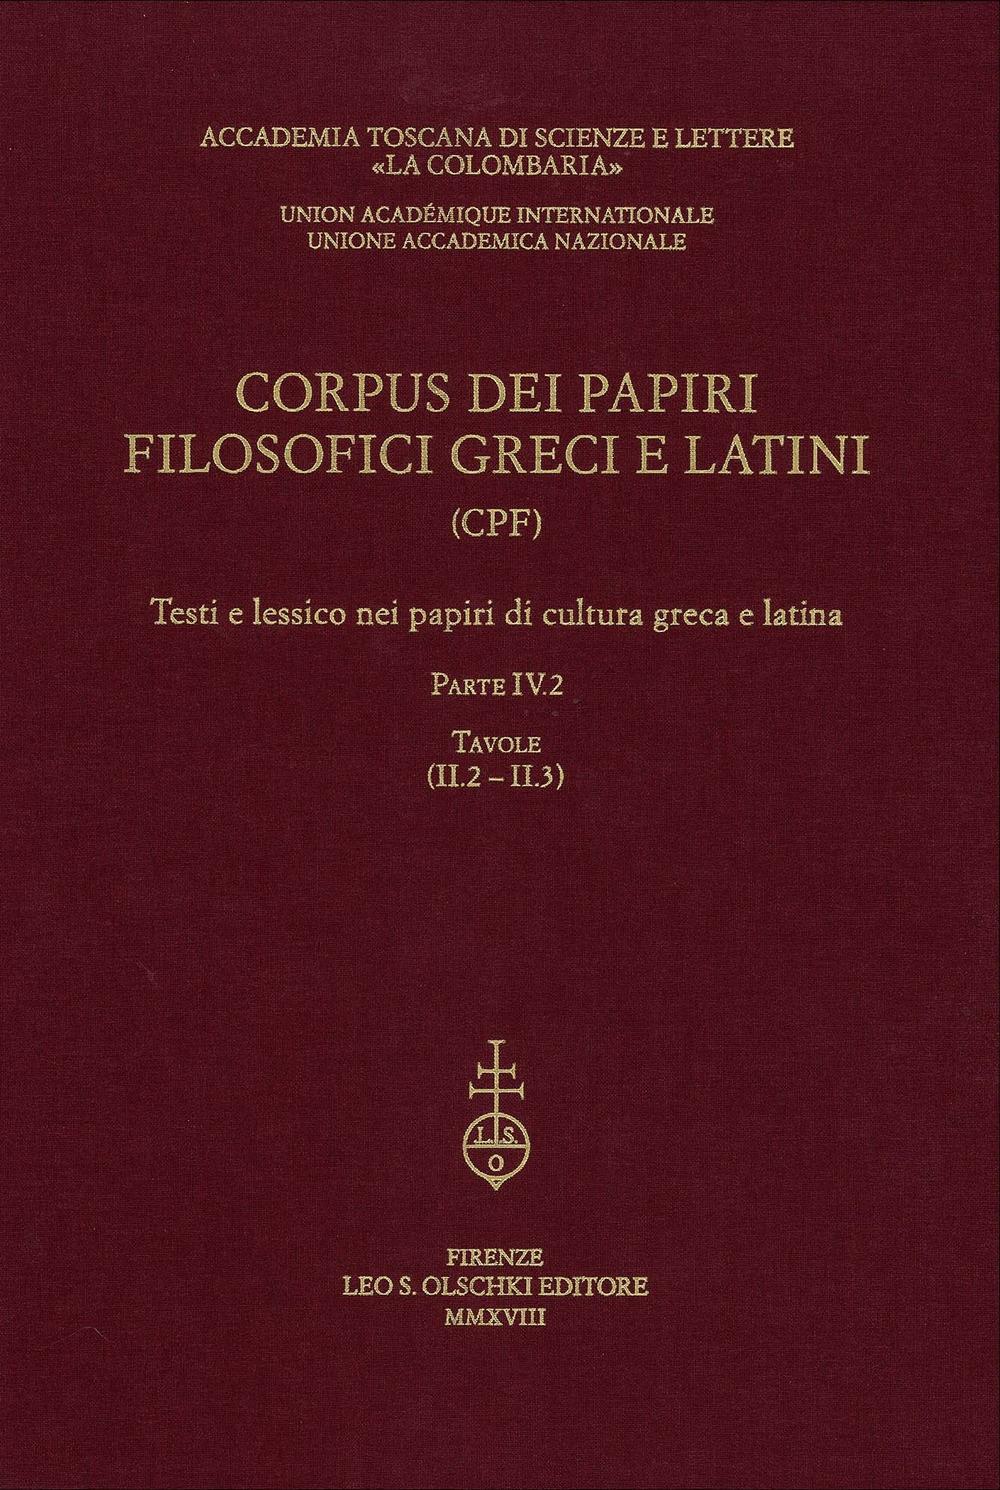 Corpus dei Papiri Filosofici Greci e Latini. (CPF) Testi e lessico nei papiri di cultura greca e latina. Parte IV.2 Tavole (II.2 - II.3)